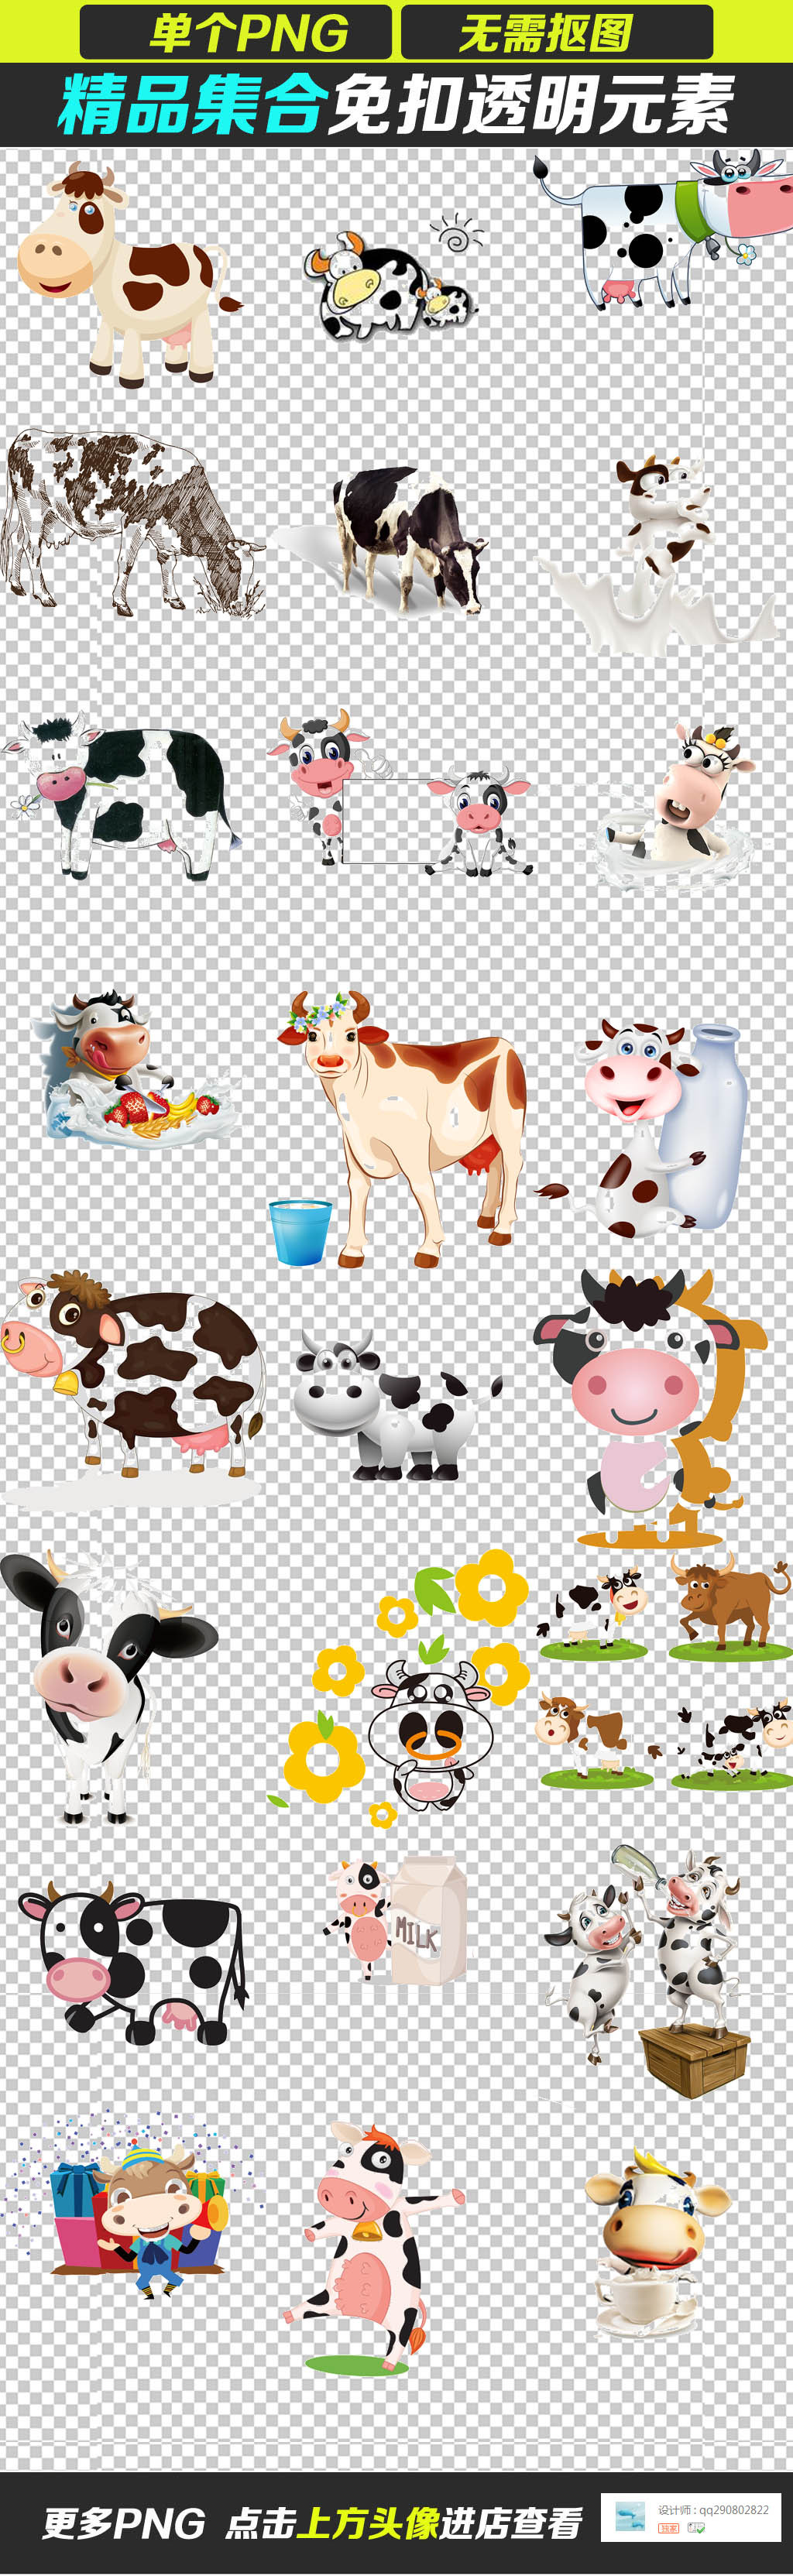 原创设计卡通手绘可爱动物奶牛png免扣图片